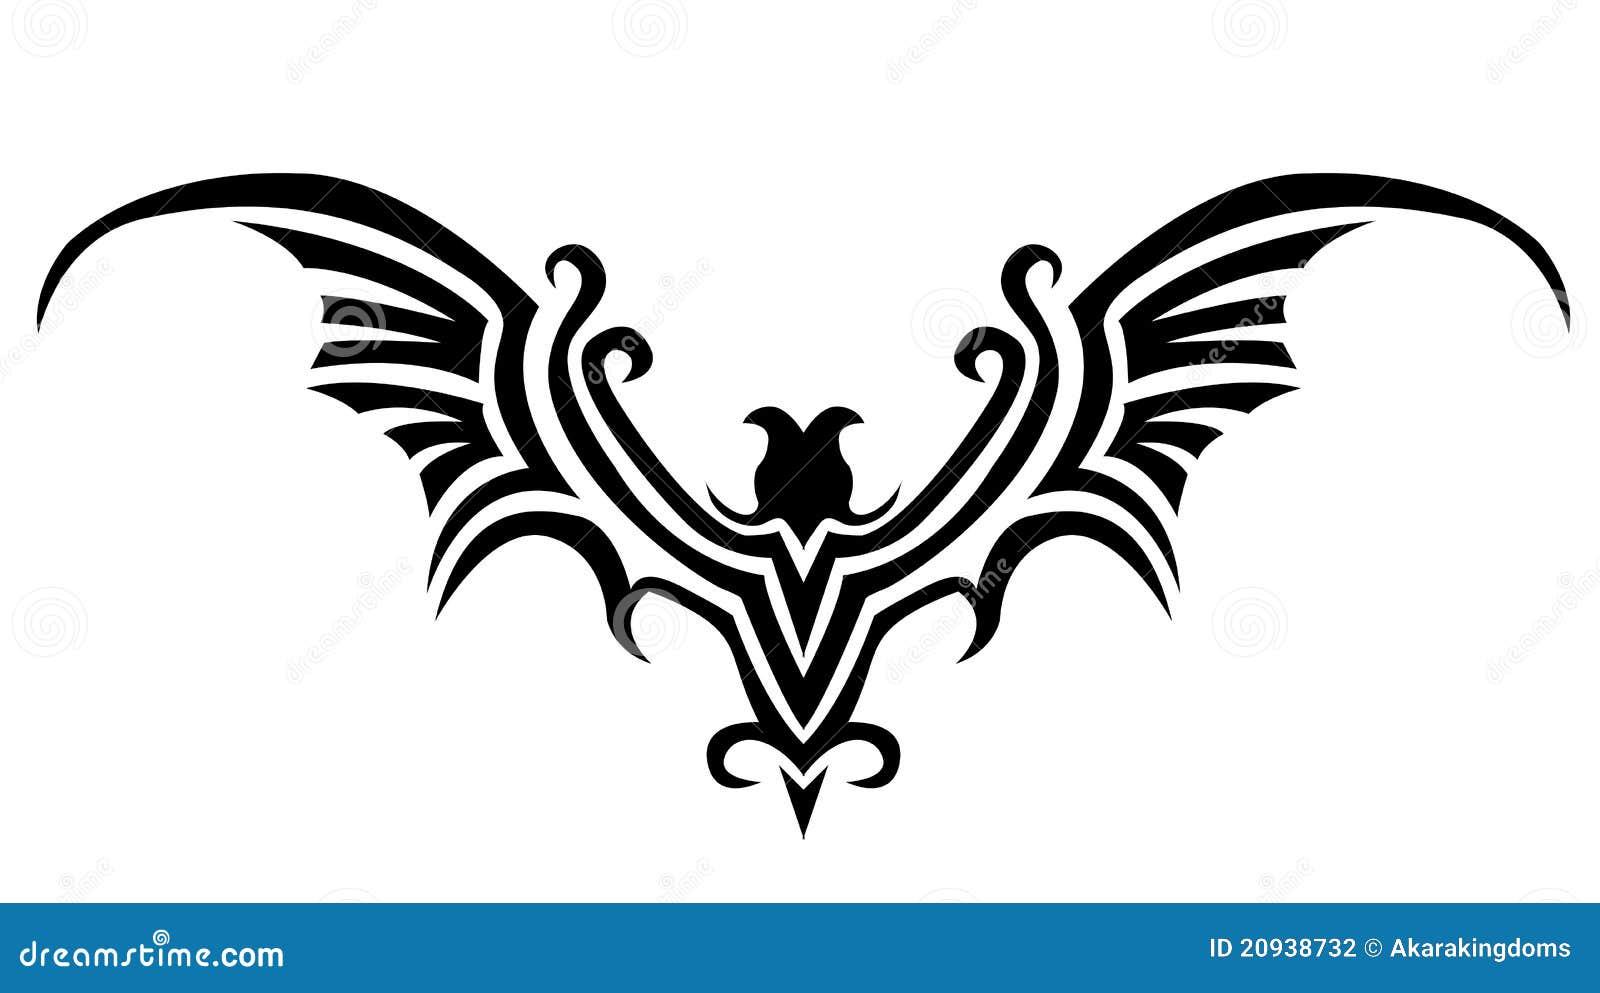 bat wing vector art clipart vector design